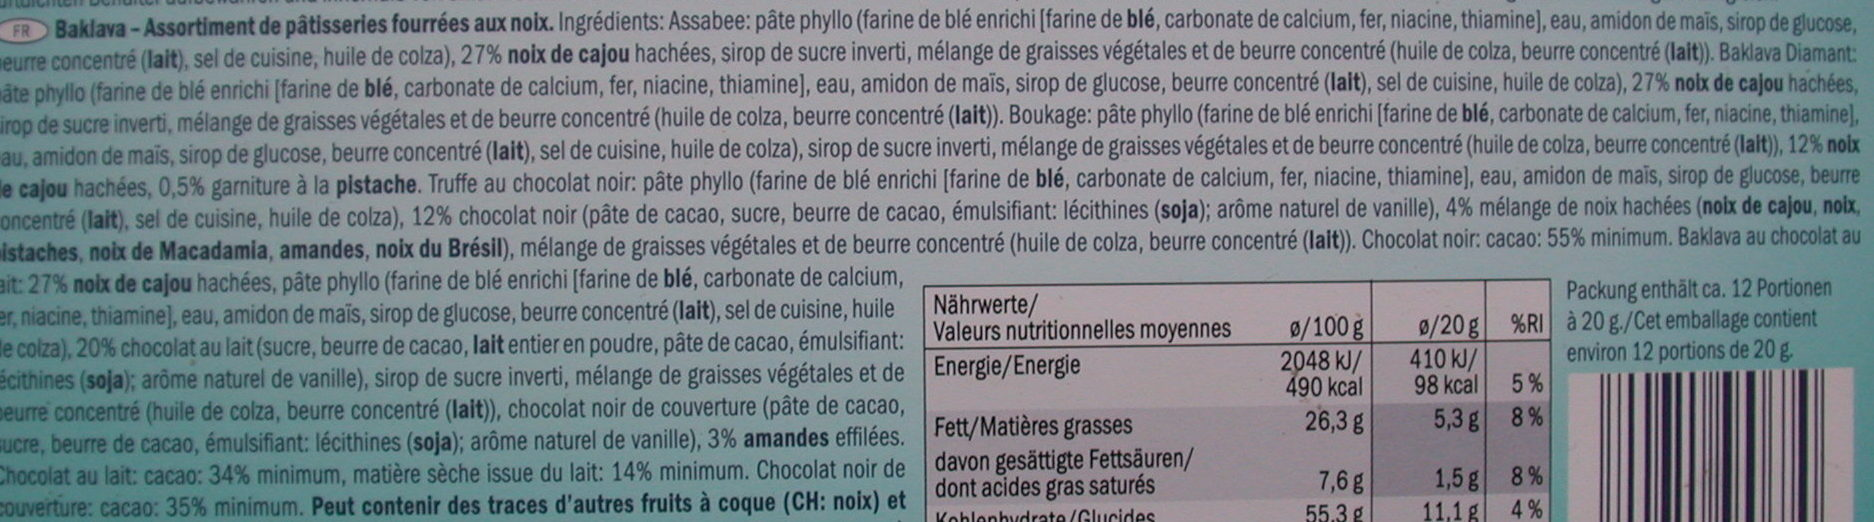 Baklava assortment - Ingredients